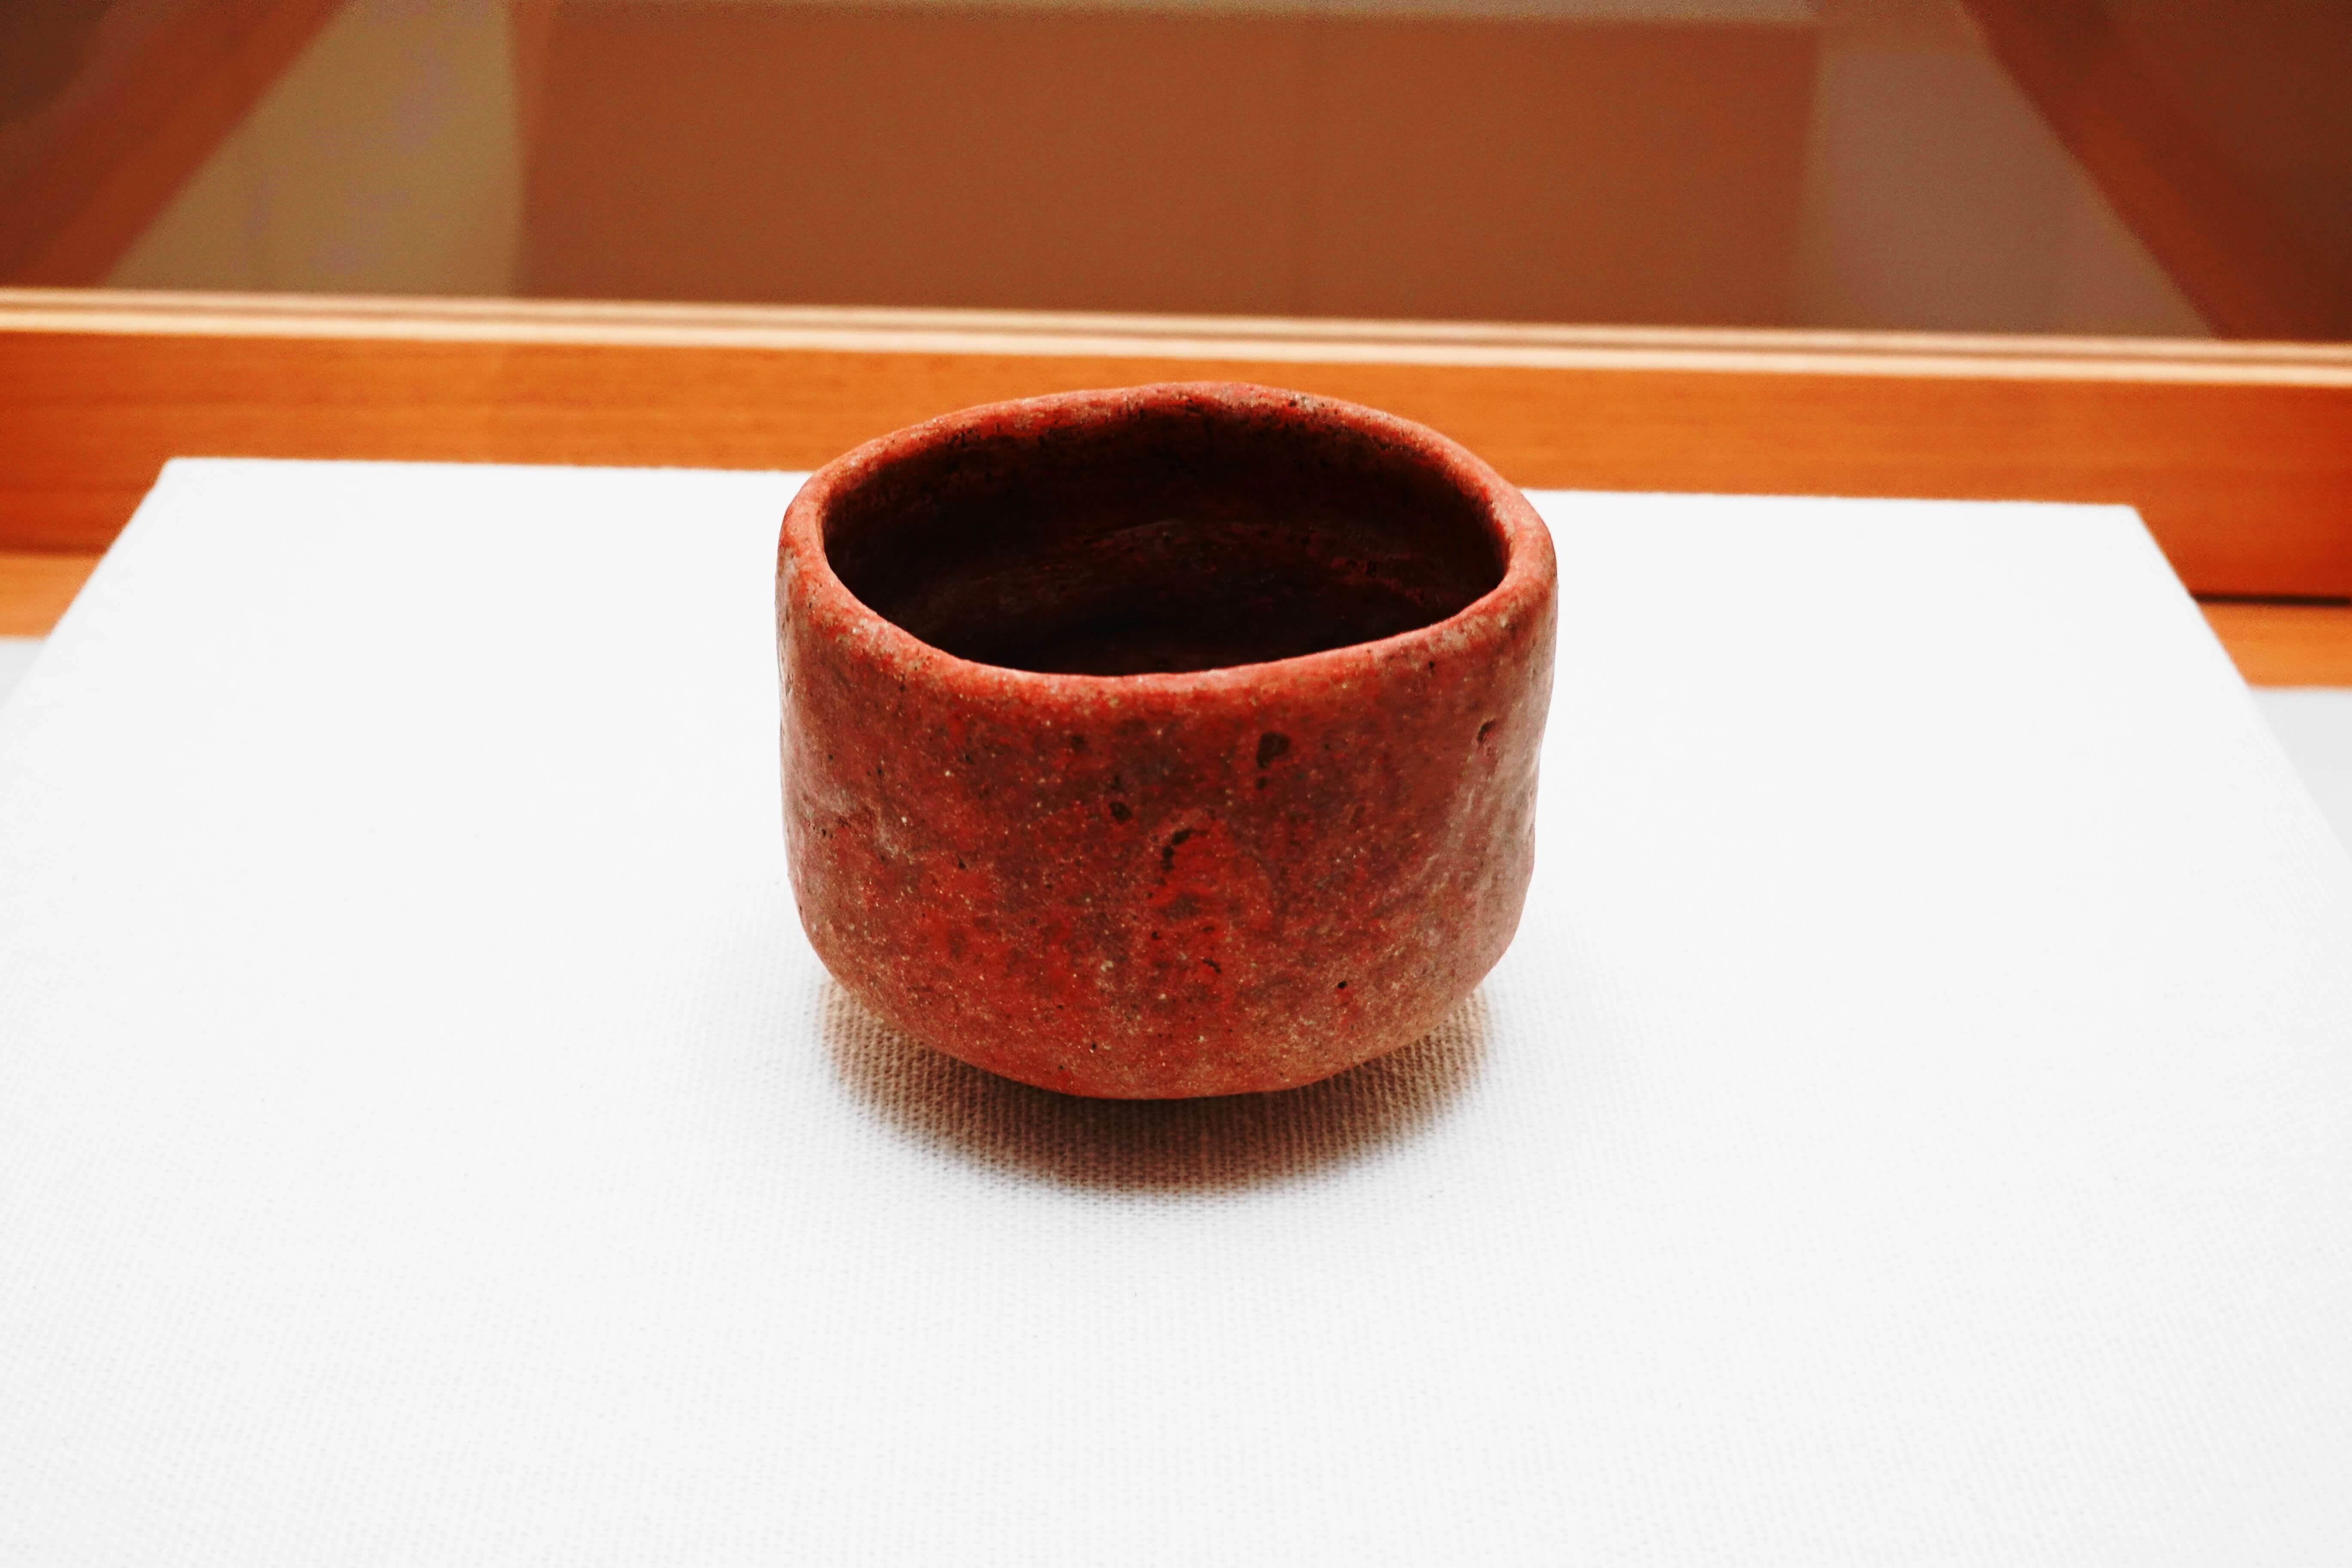 金沢市立中村記念美術館|中村栄俊の想いを感じながら抹茶を楽しむ